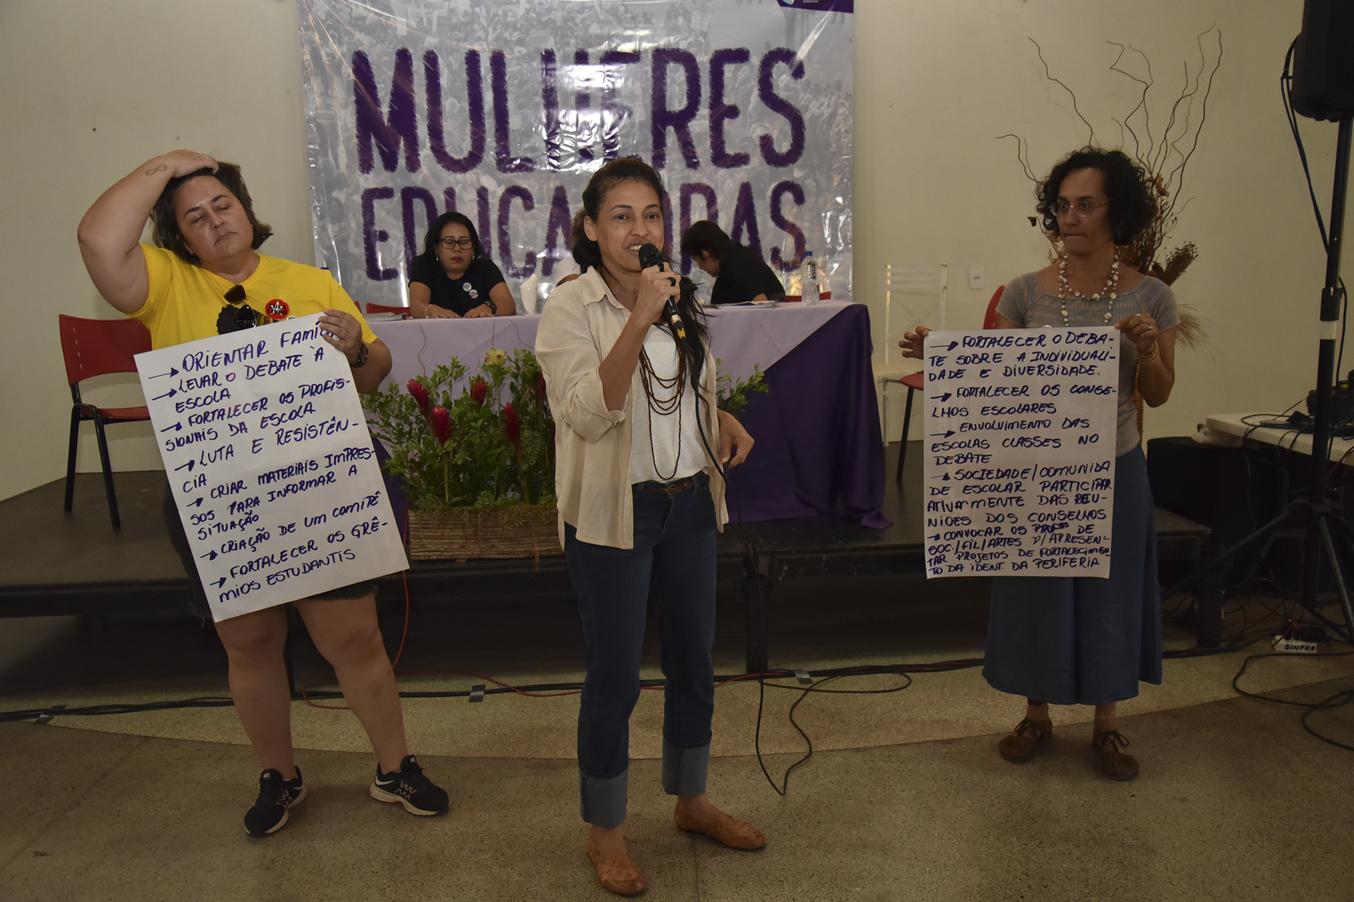 2019.04.27_ENCONTRO-MULHERES-EDUCADORAS_fotos-Deva-Garcia-135